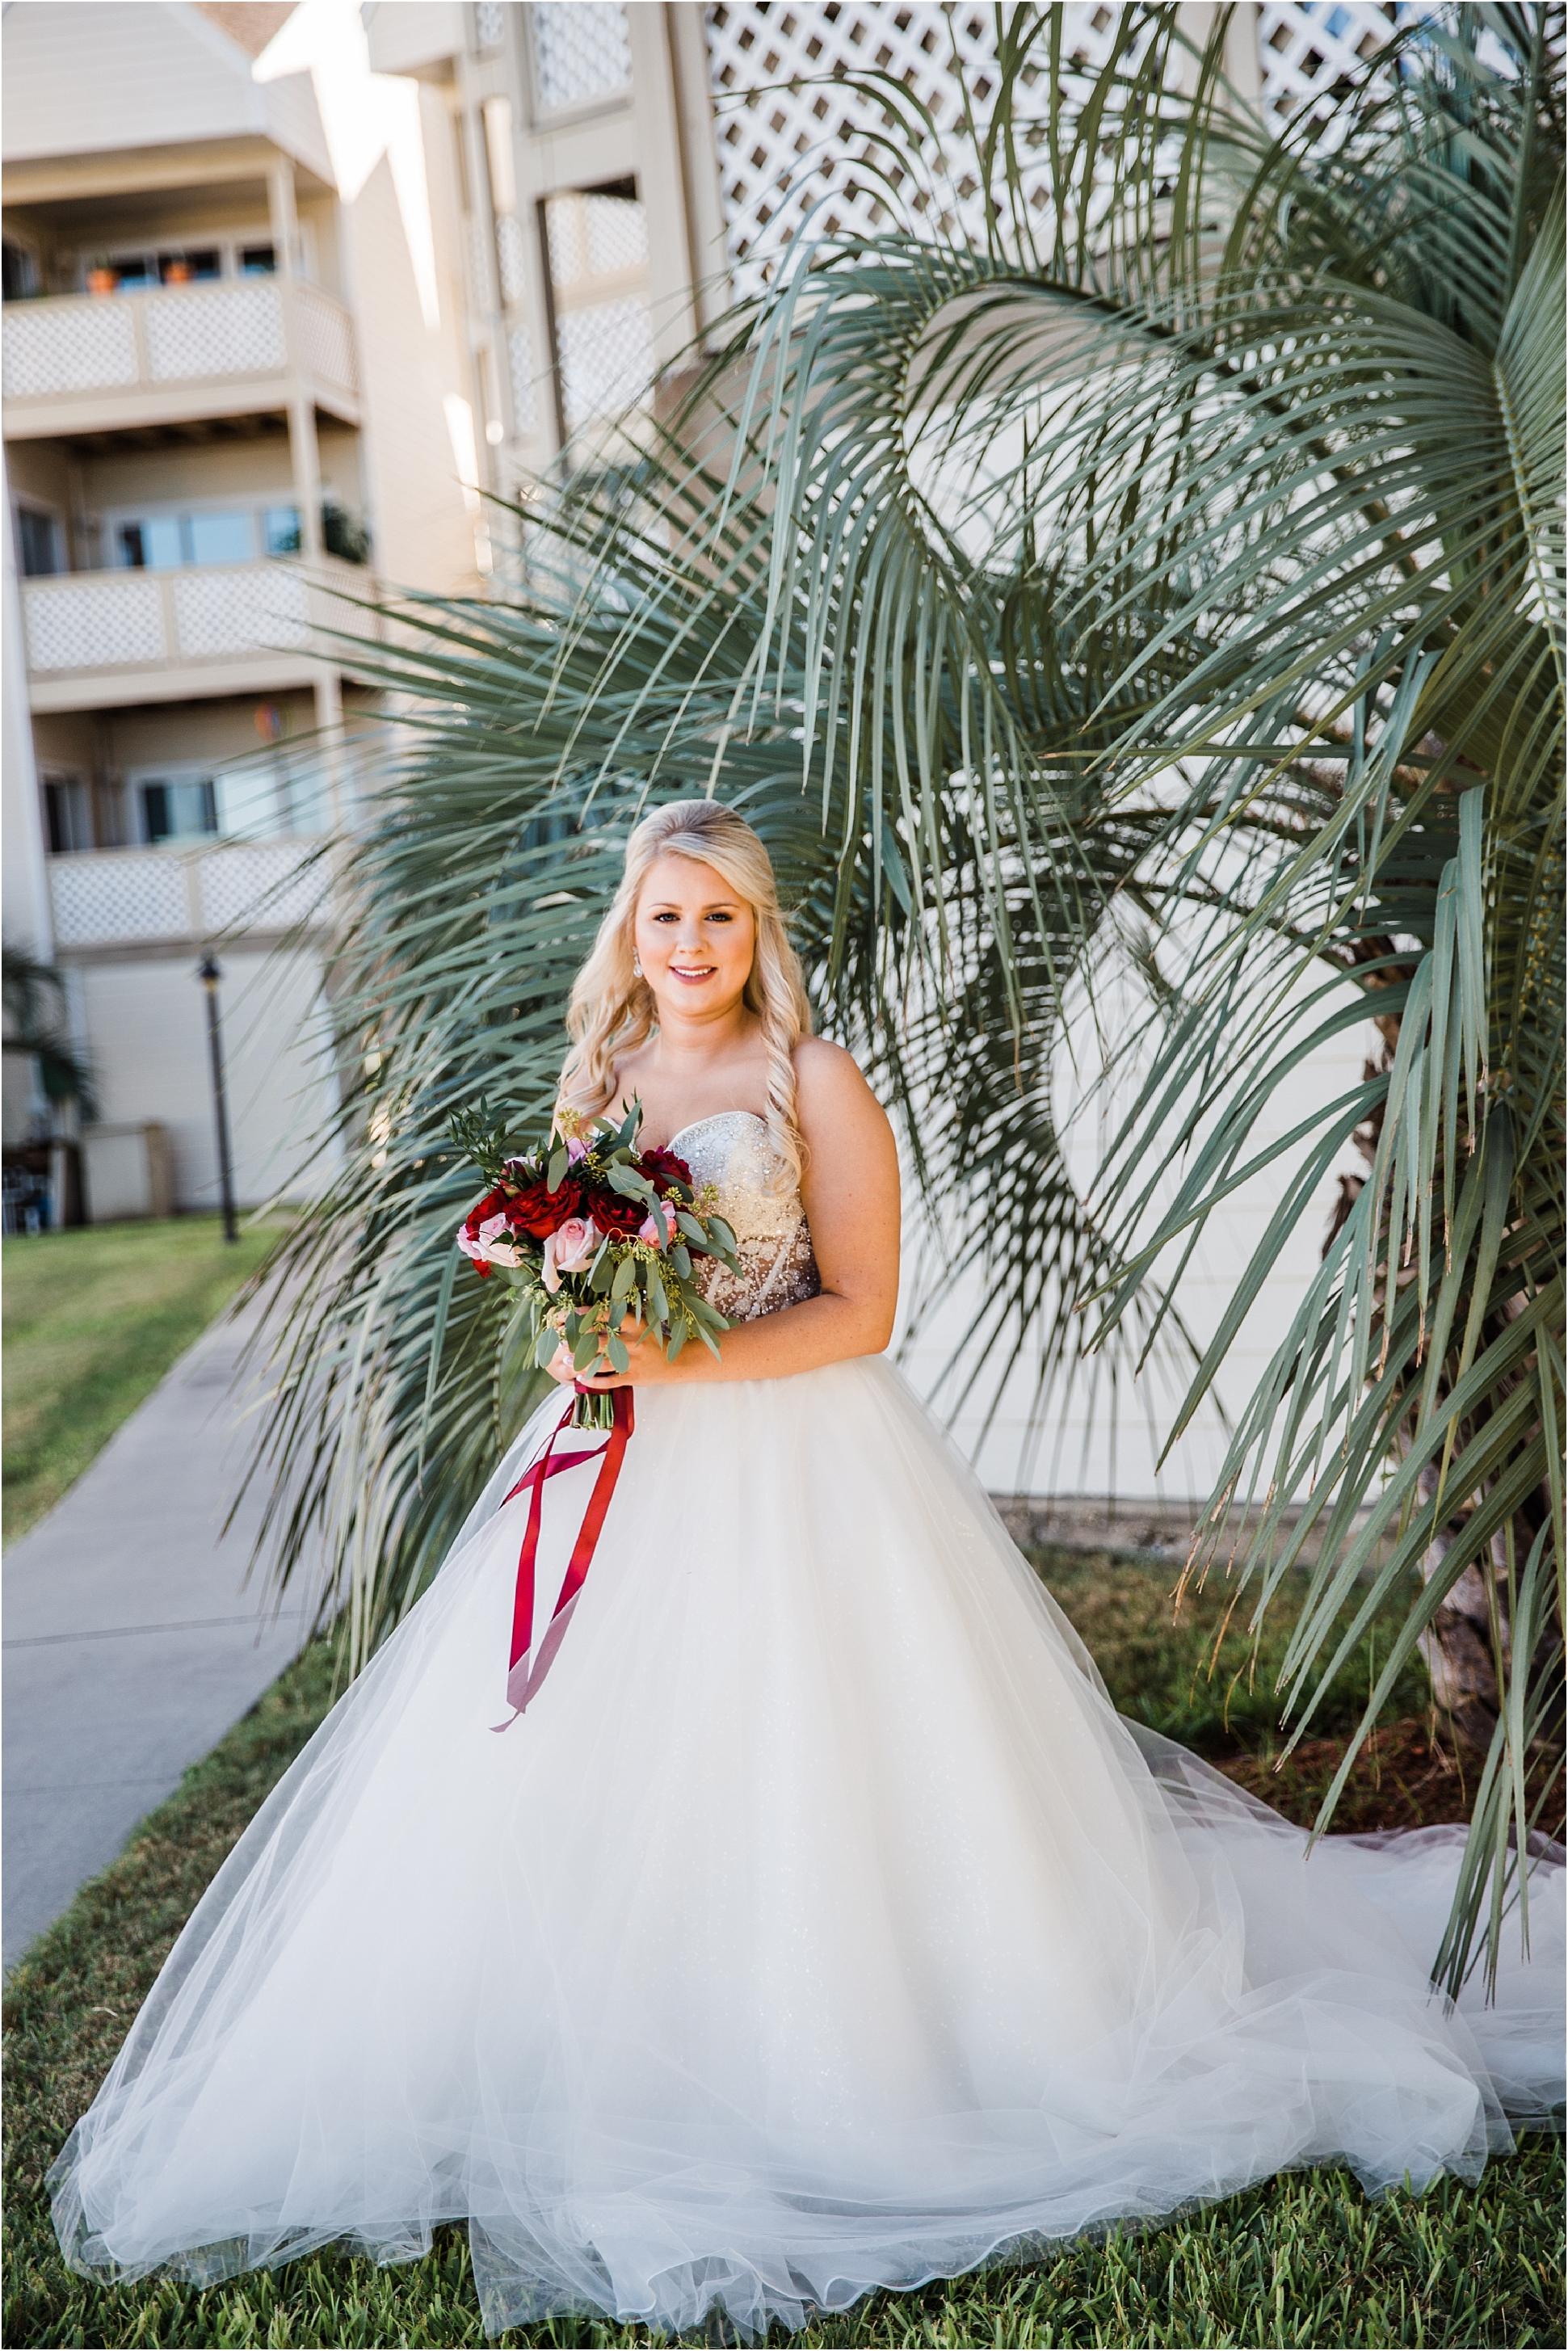 Wedding Venues in Pensacola Beach